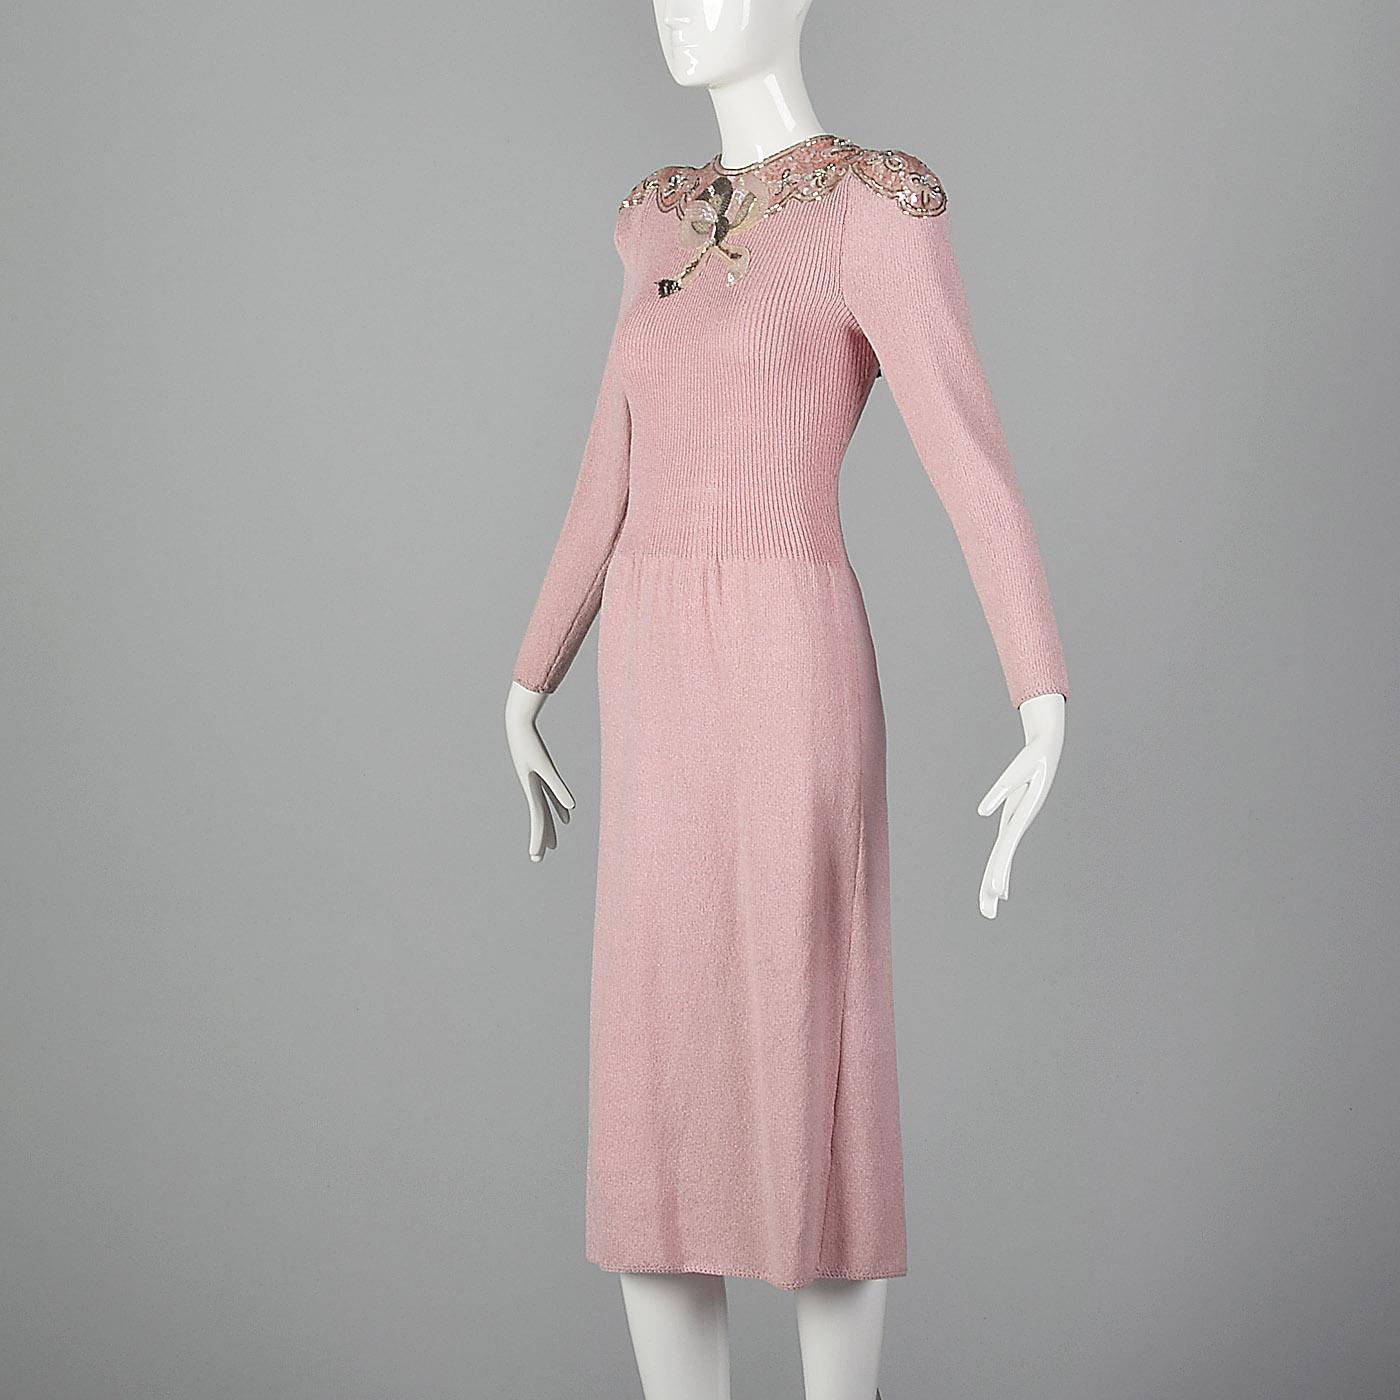 4975b61a Medium Pat Sandler 1980s Knit Dress Sweater Dress VTG 80s Beaded Sequin Pink